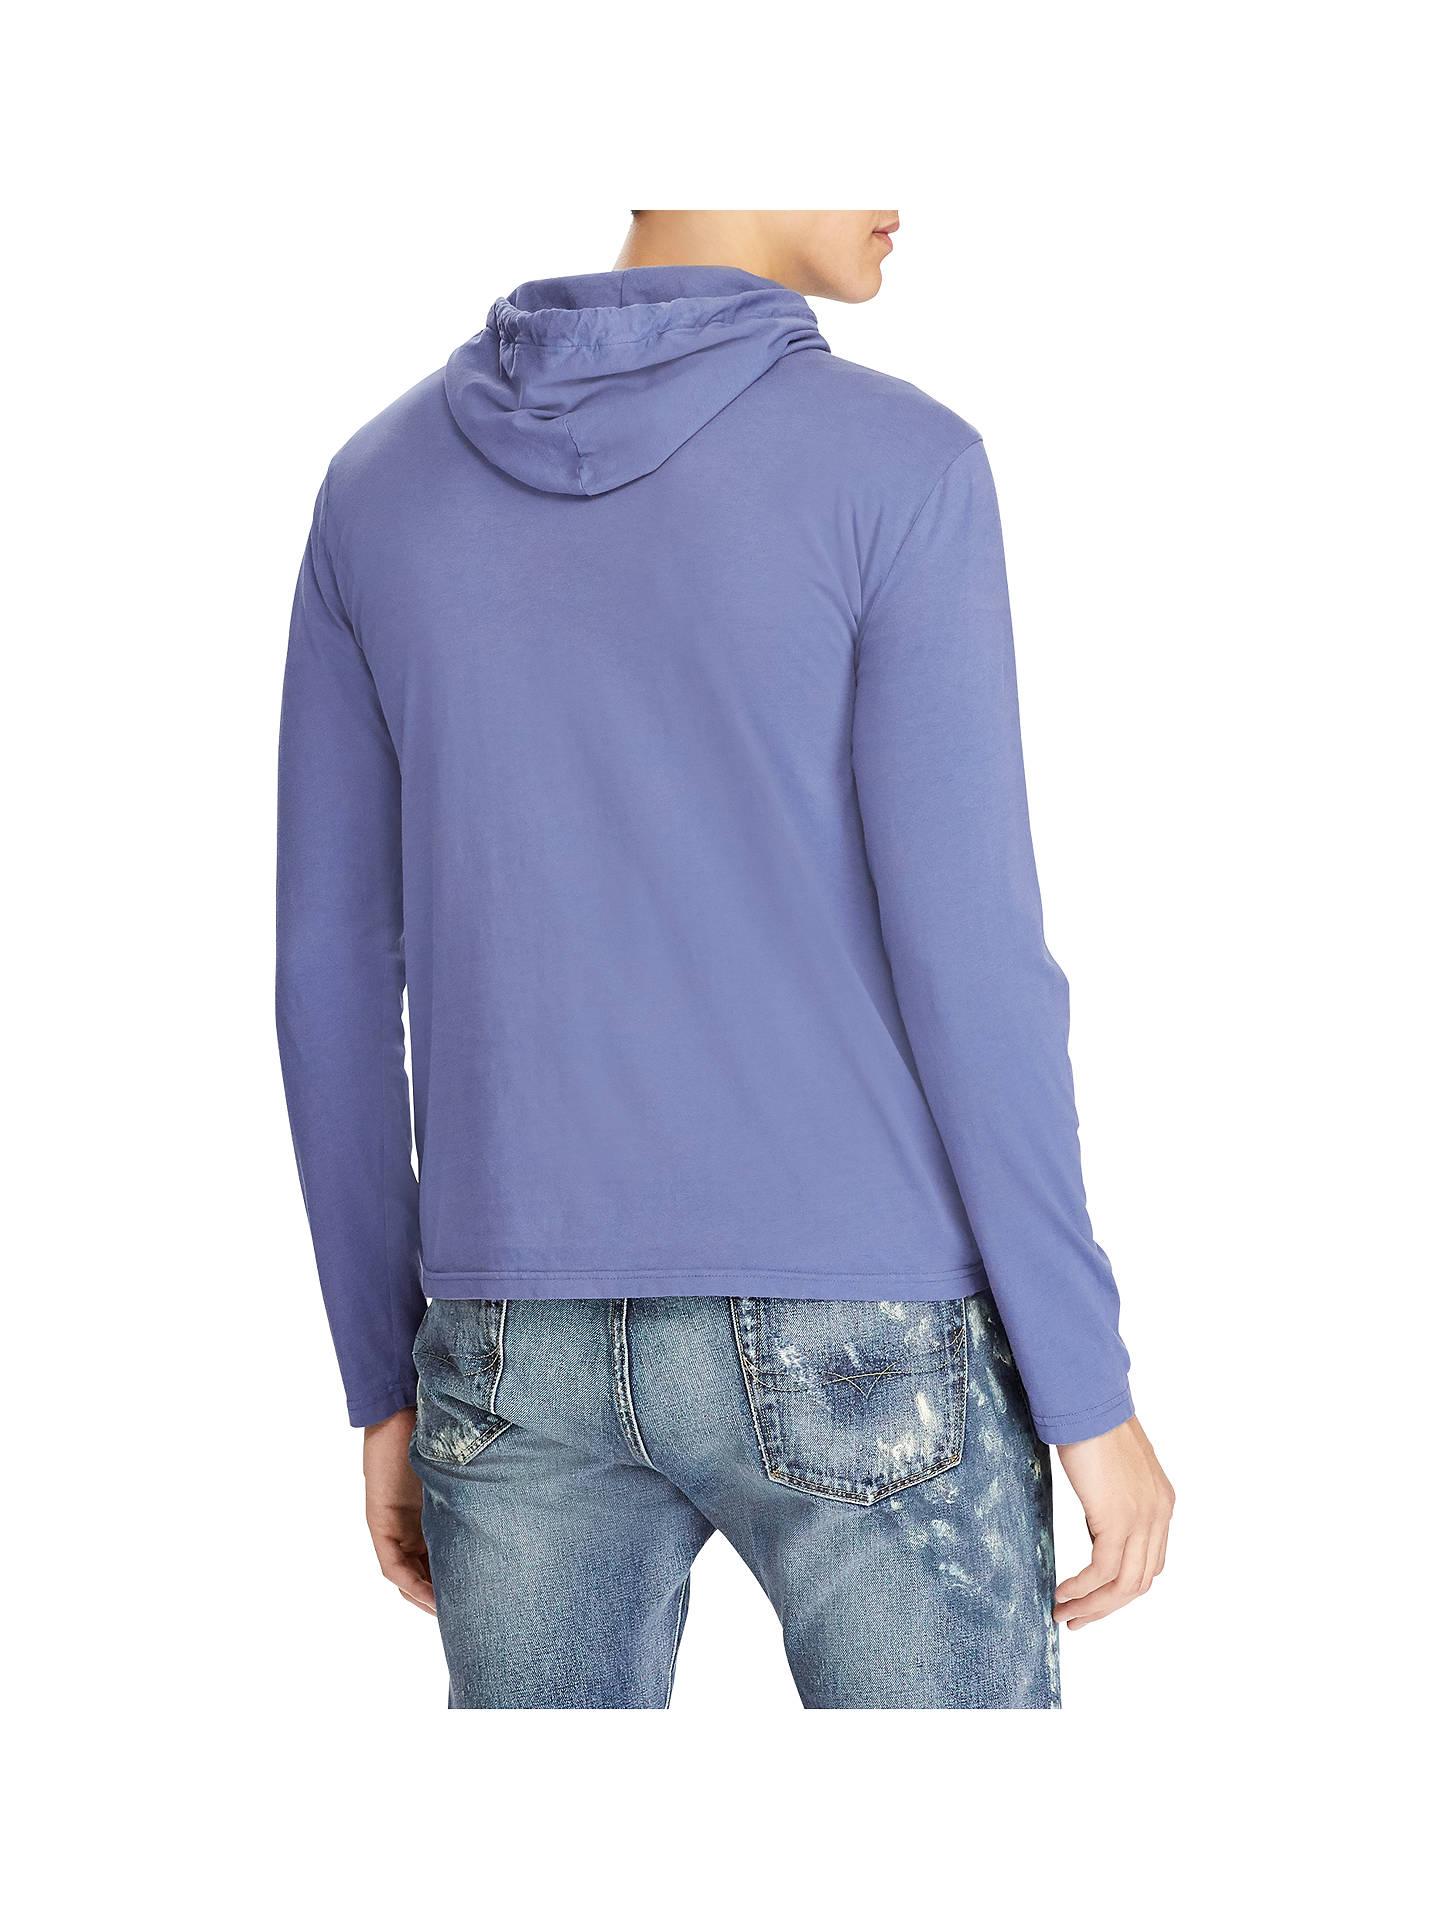 Polo Ralph Lauren Long Sleeve Hooded T Shirt at John Lewis